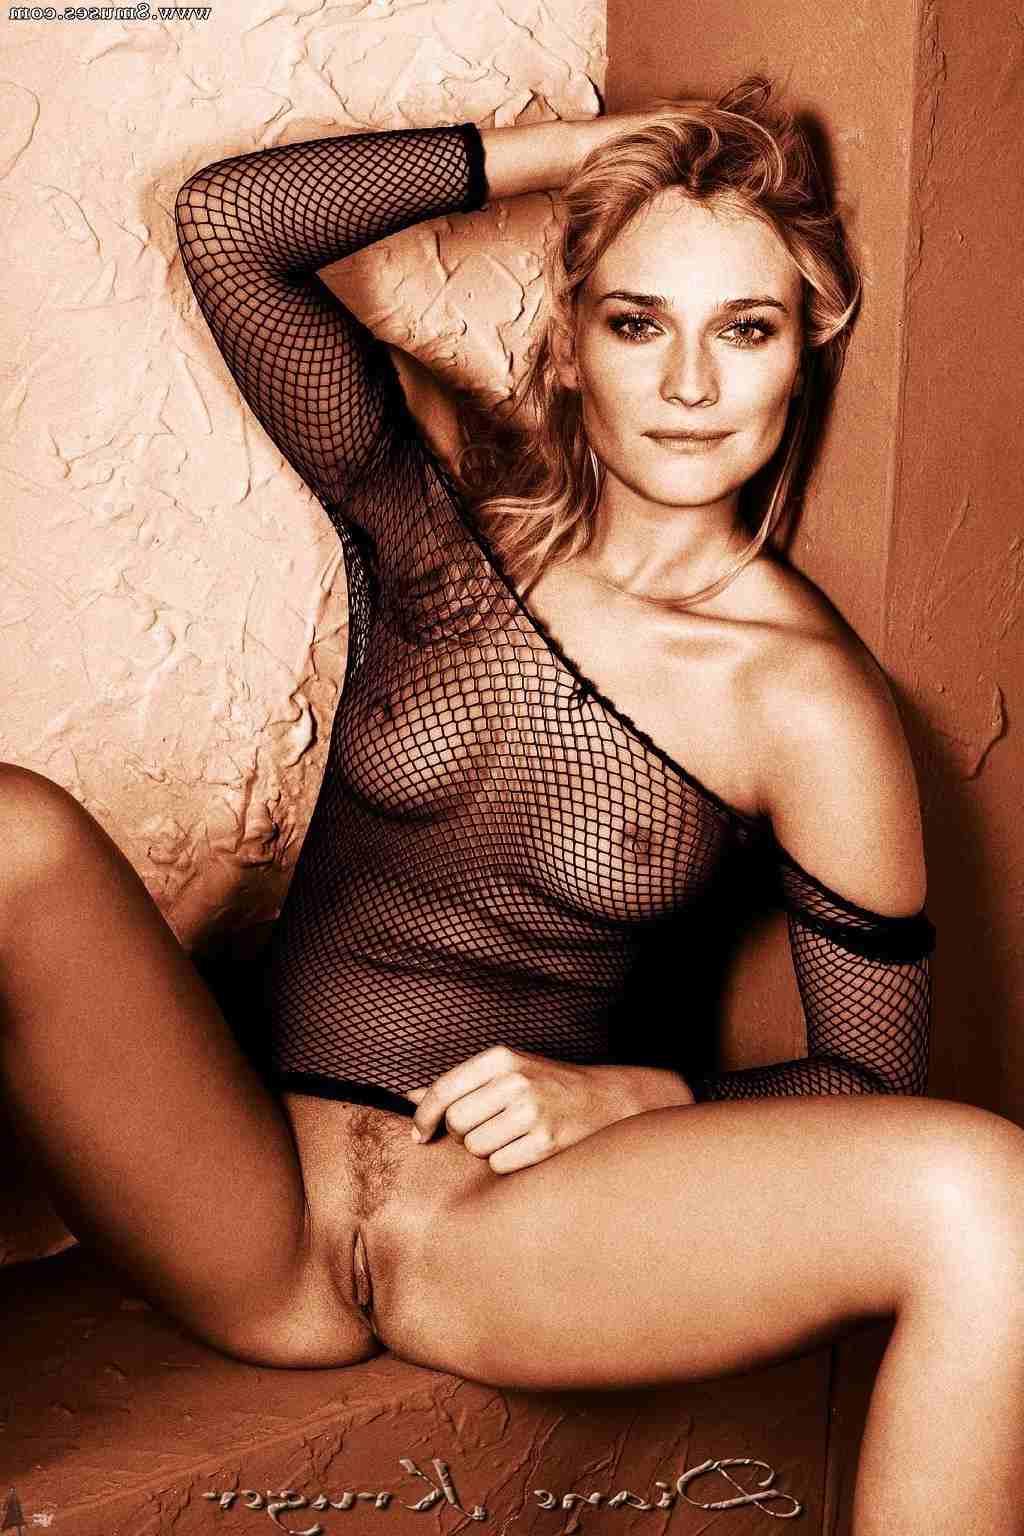 Fake-Celebrities-Sex-Pictures/Diane-Kruger Diane_Kruger__8muses_-_Sex_and_Porn_Comics.jpg